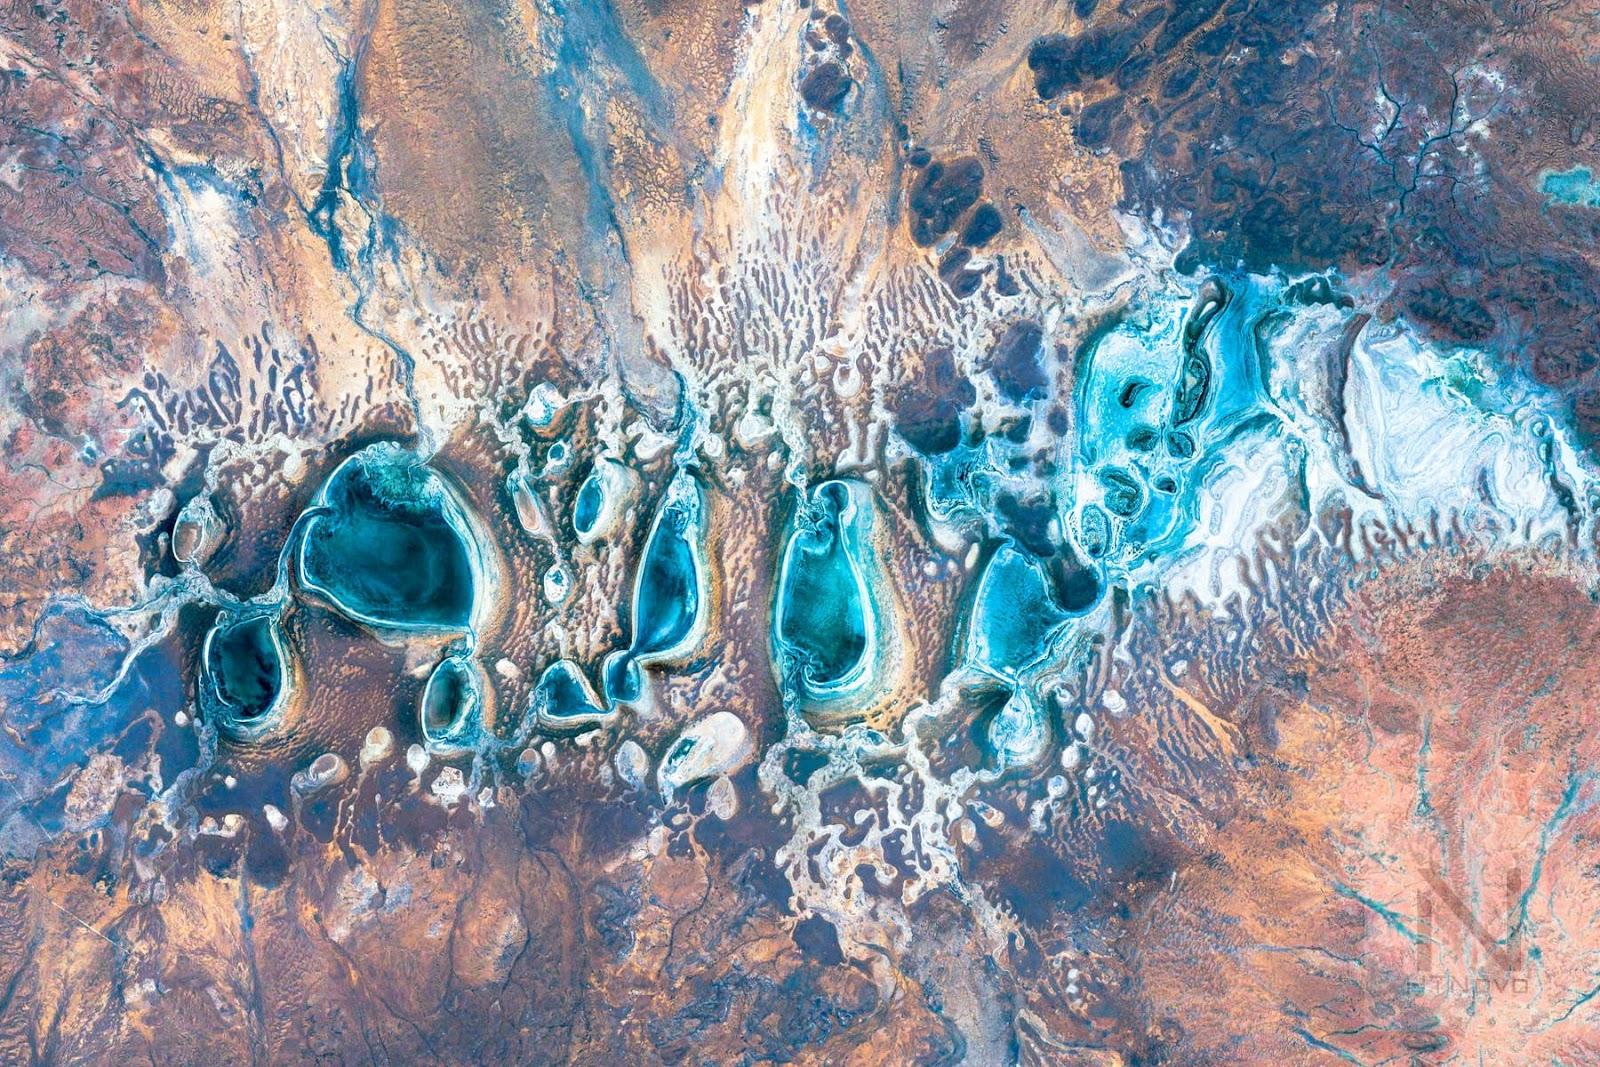 1.000 nuovi sfondi per Earth View, i paesaggi più belli di Google Earth